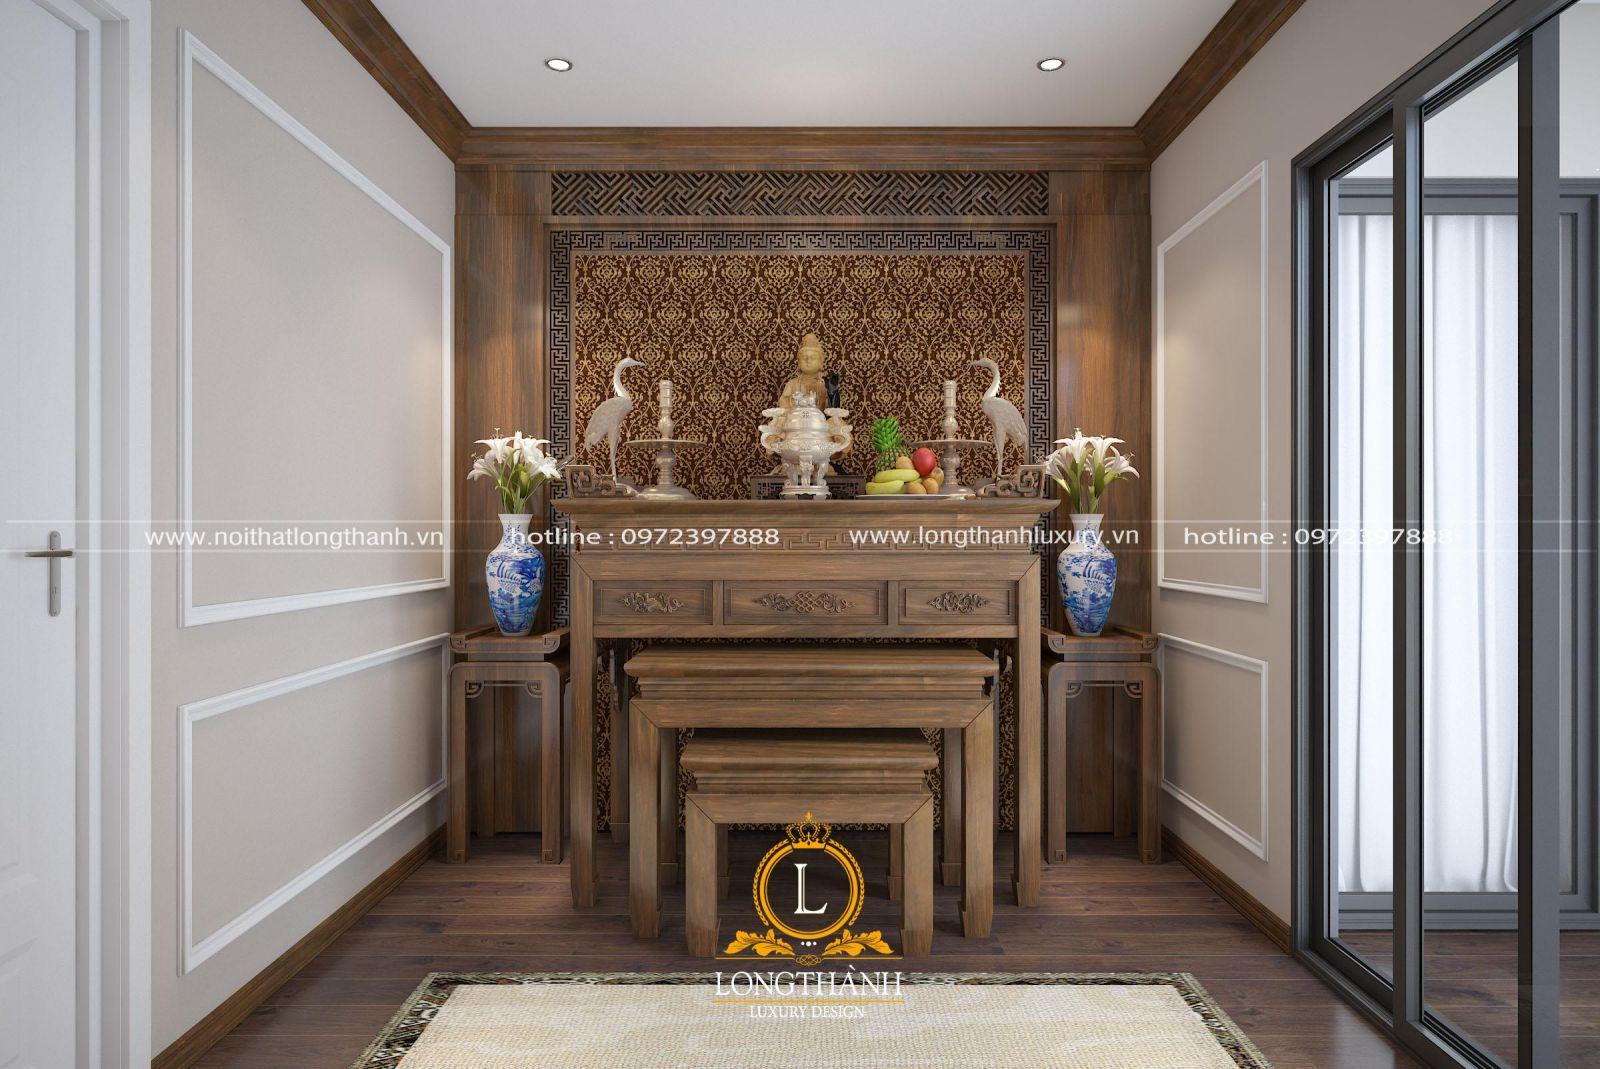 Trần thạch cao phòng thờ đơn giản